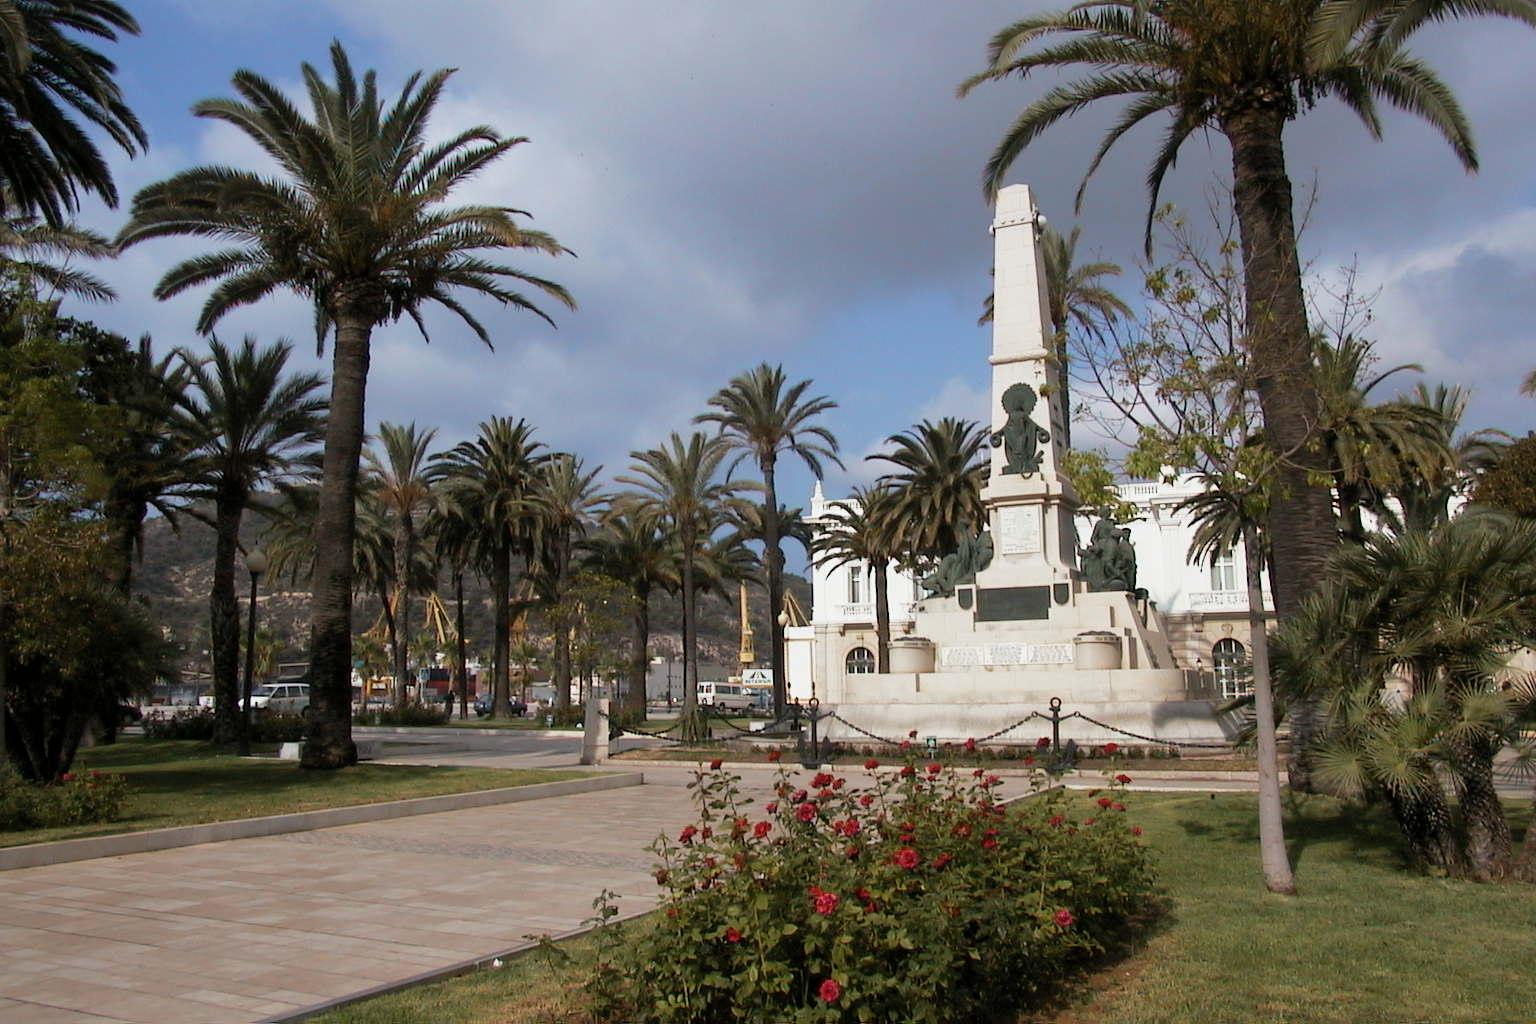 Monumento a los Héroes de Santiago de Cuba y Cavite